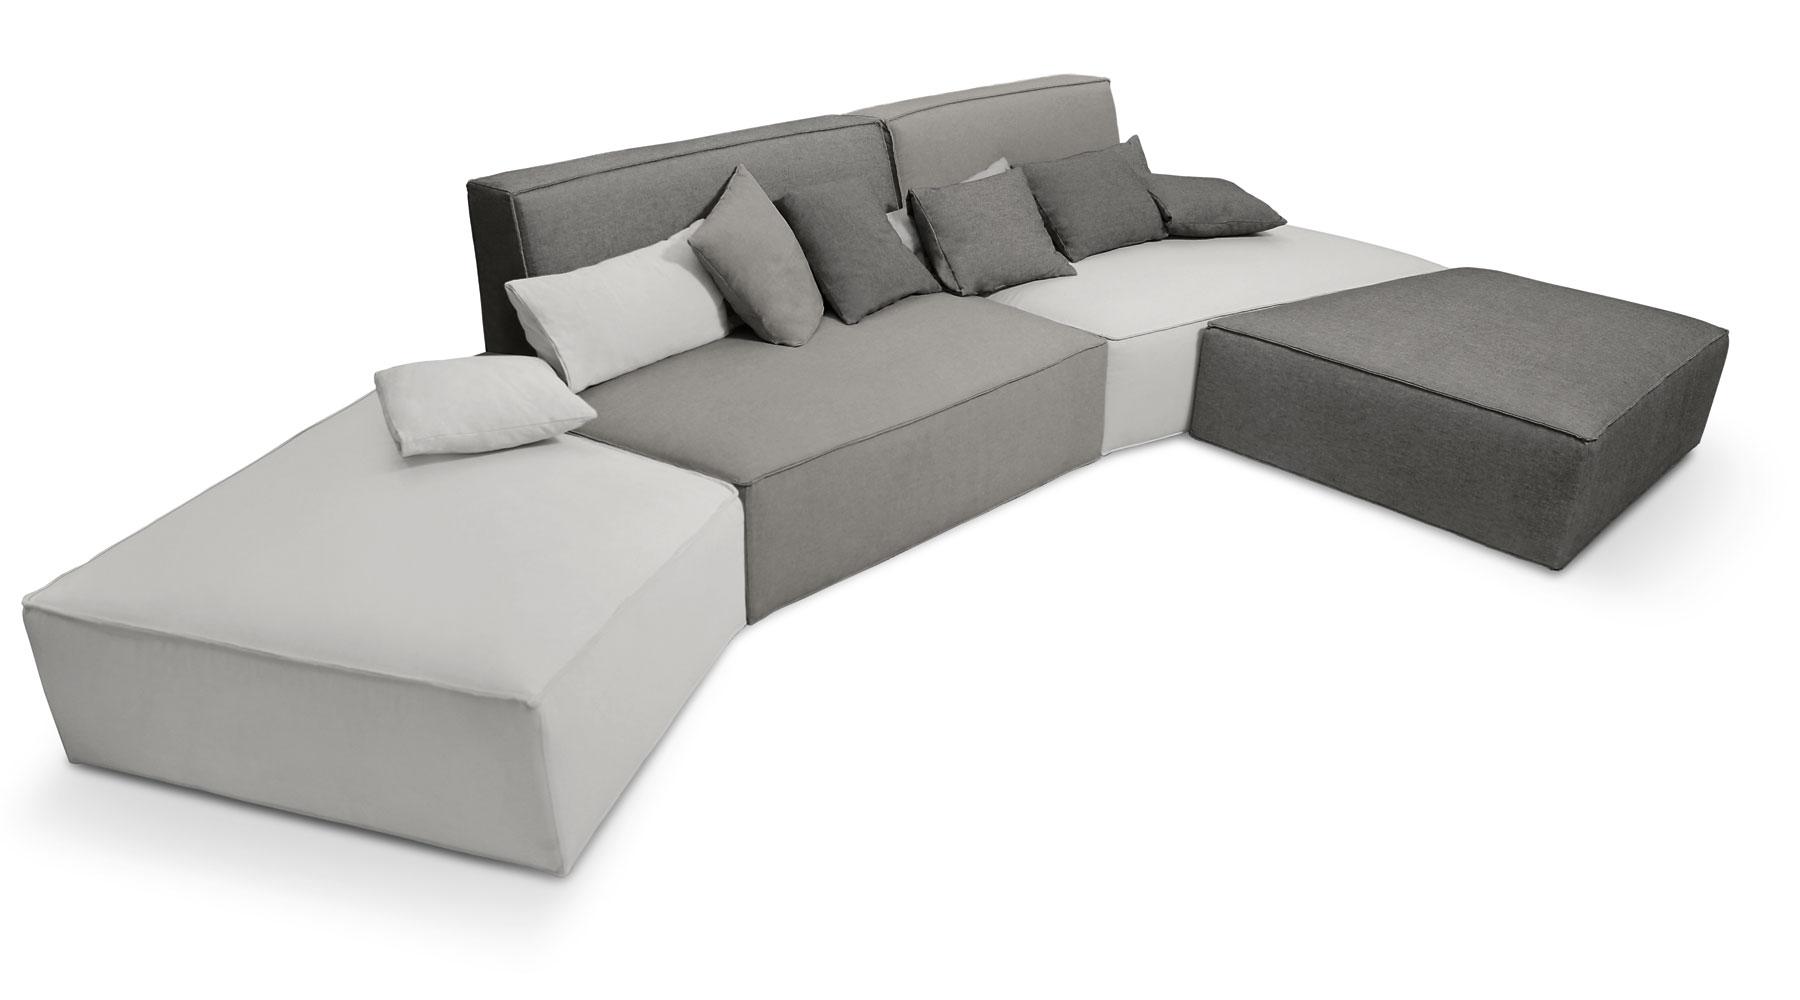 Delfanti arredamenti slide sofa - Divano modulare economico ...